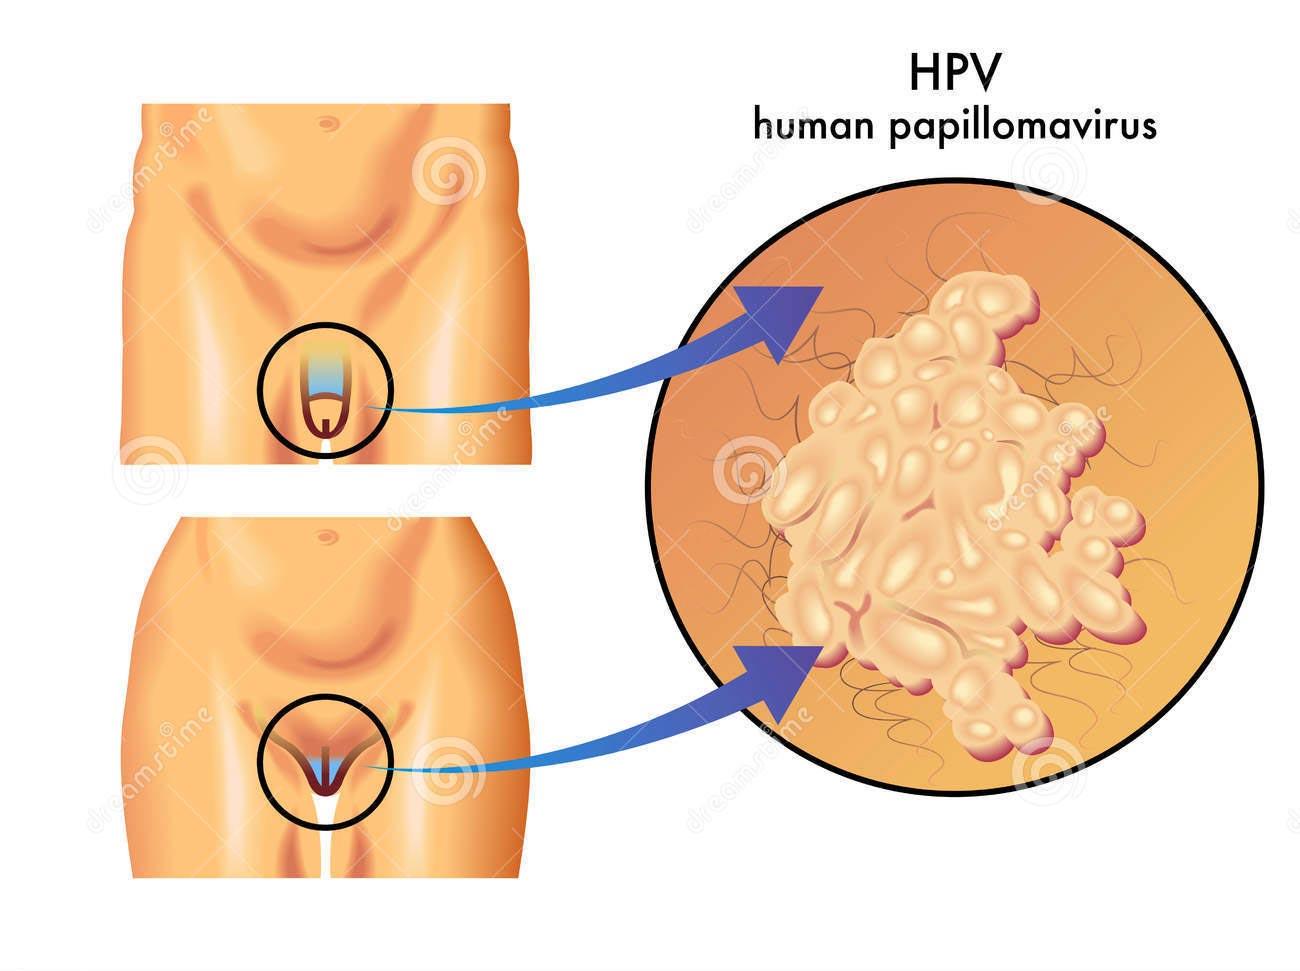 sintomi papilloma virus nell uomo